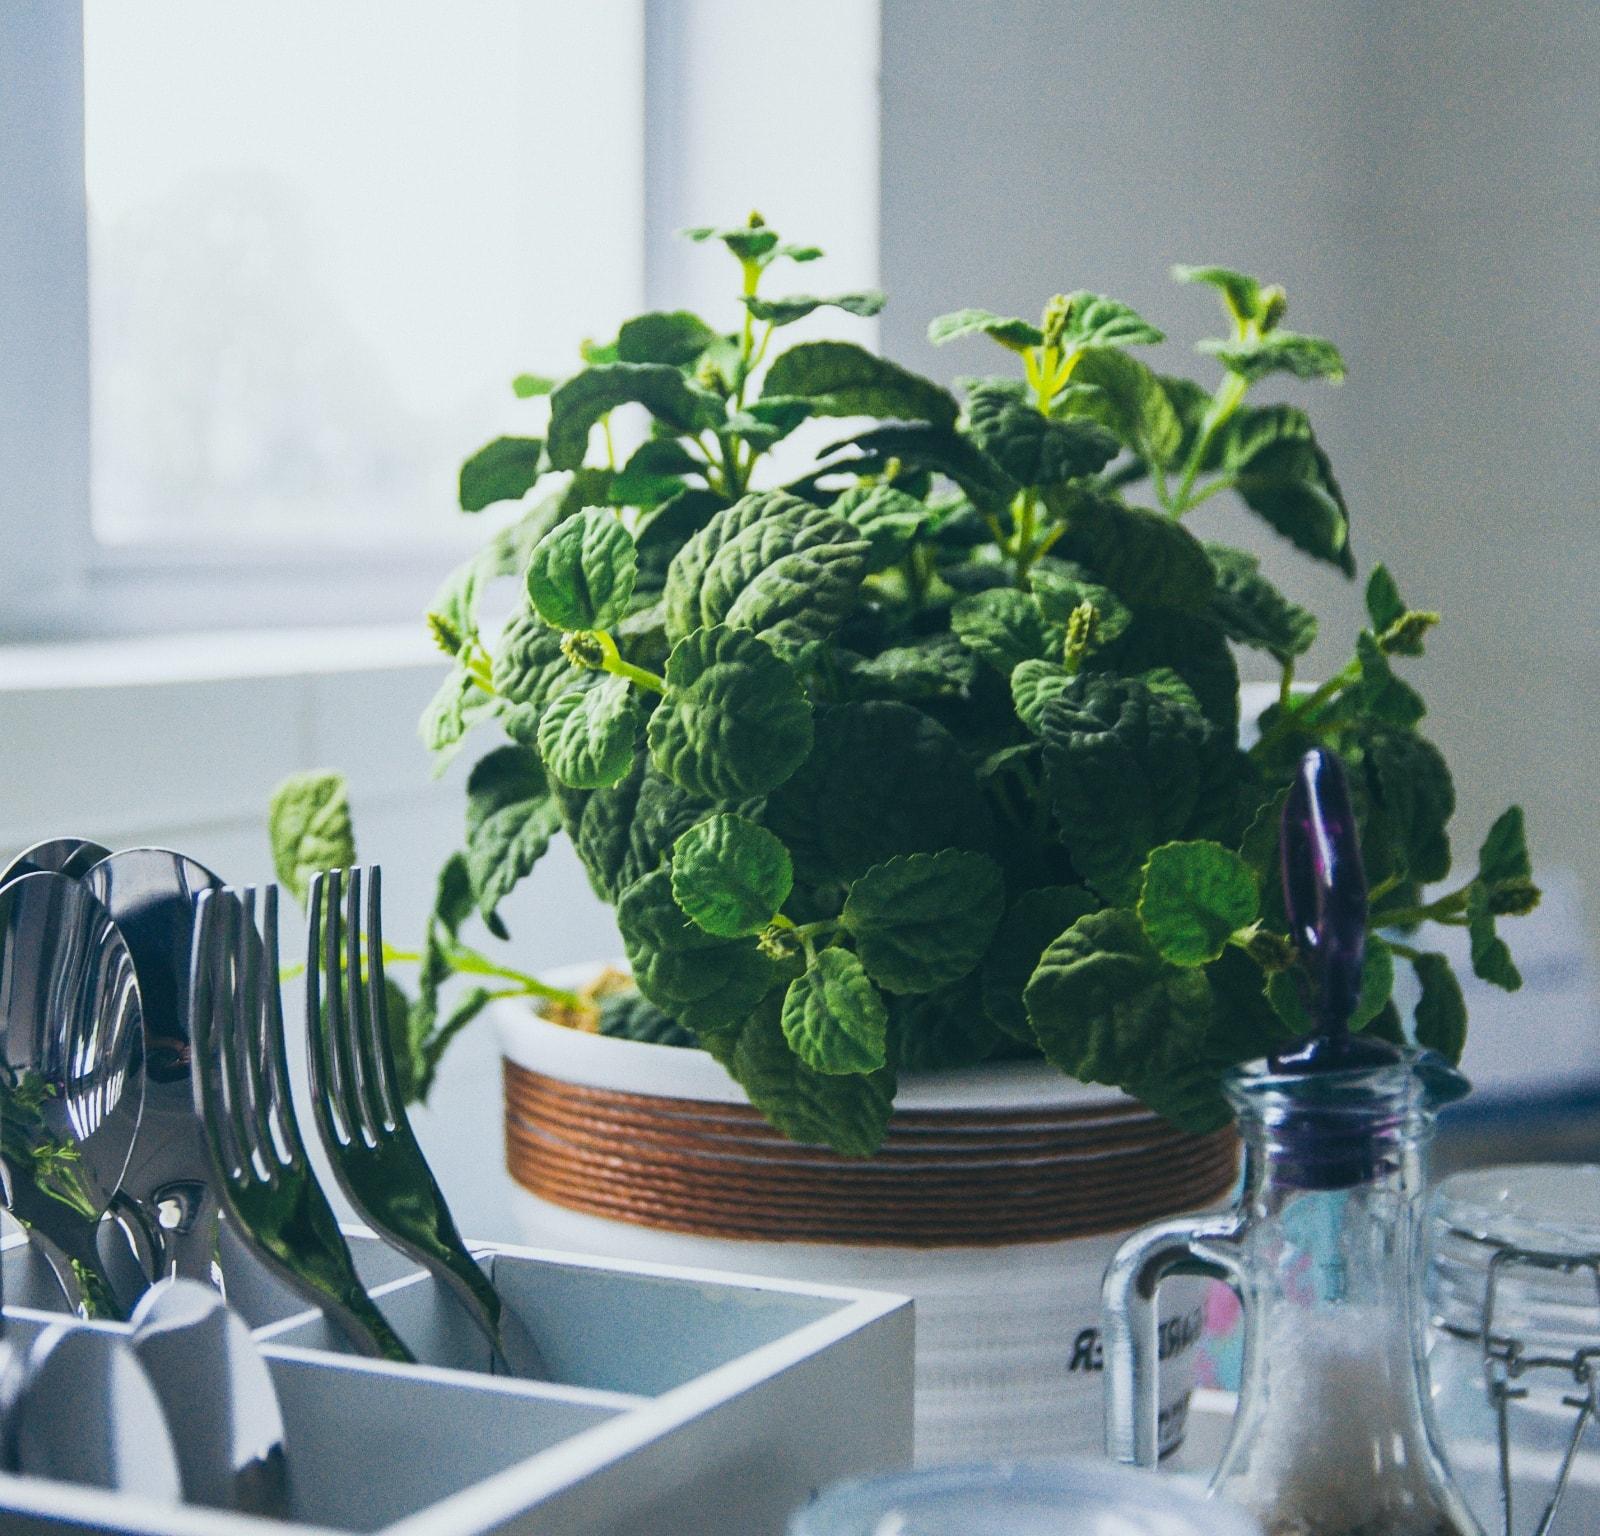 ambientazione con pianta aromatica e oggetti da cucina